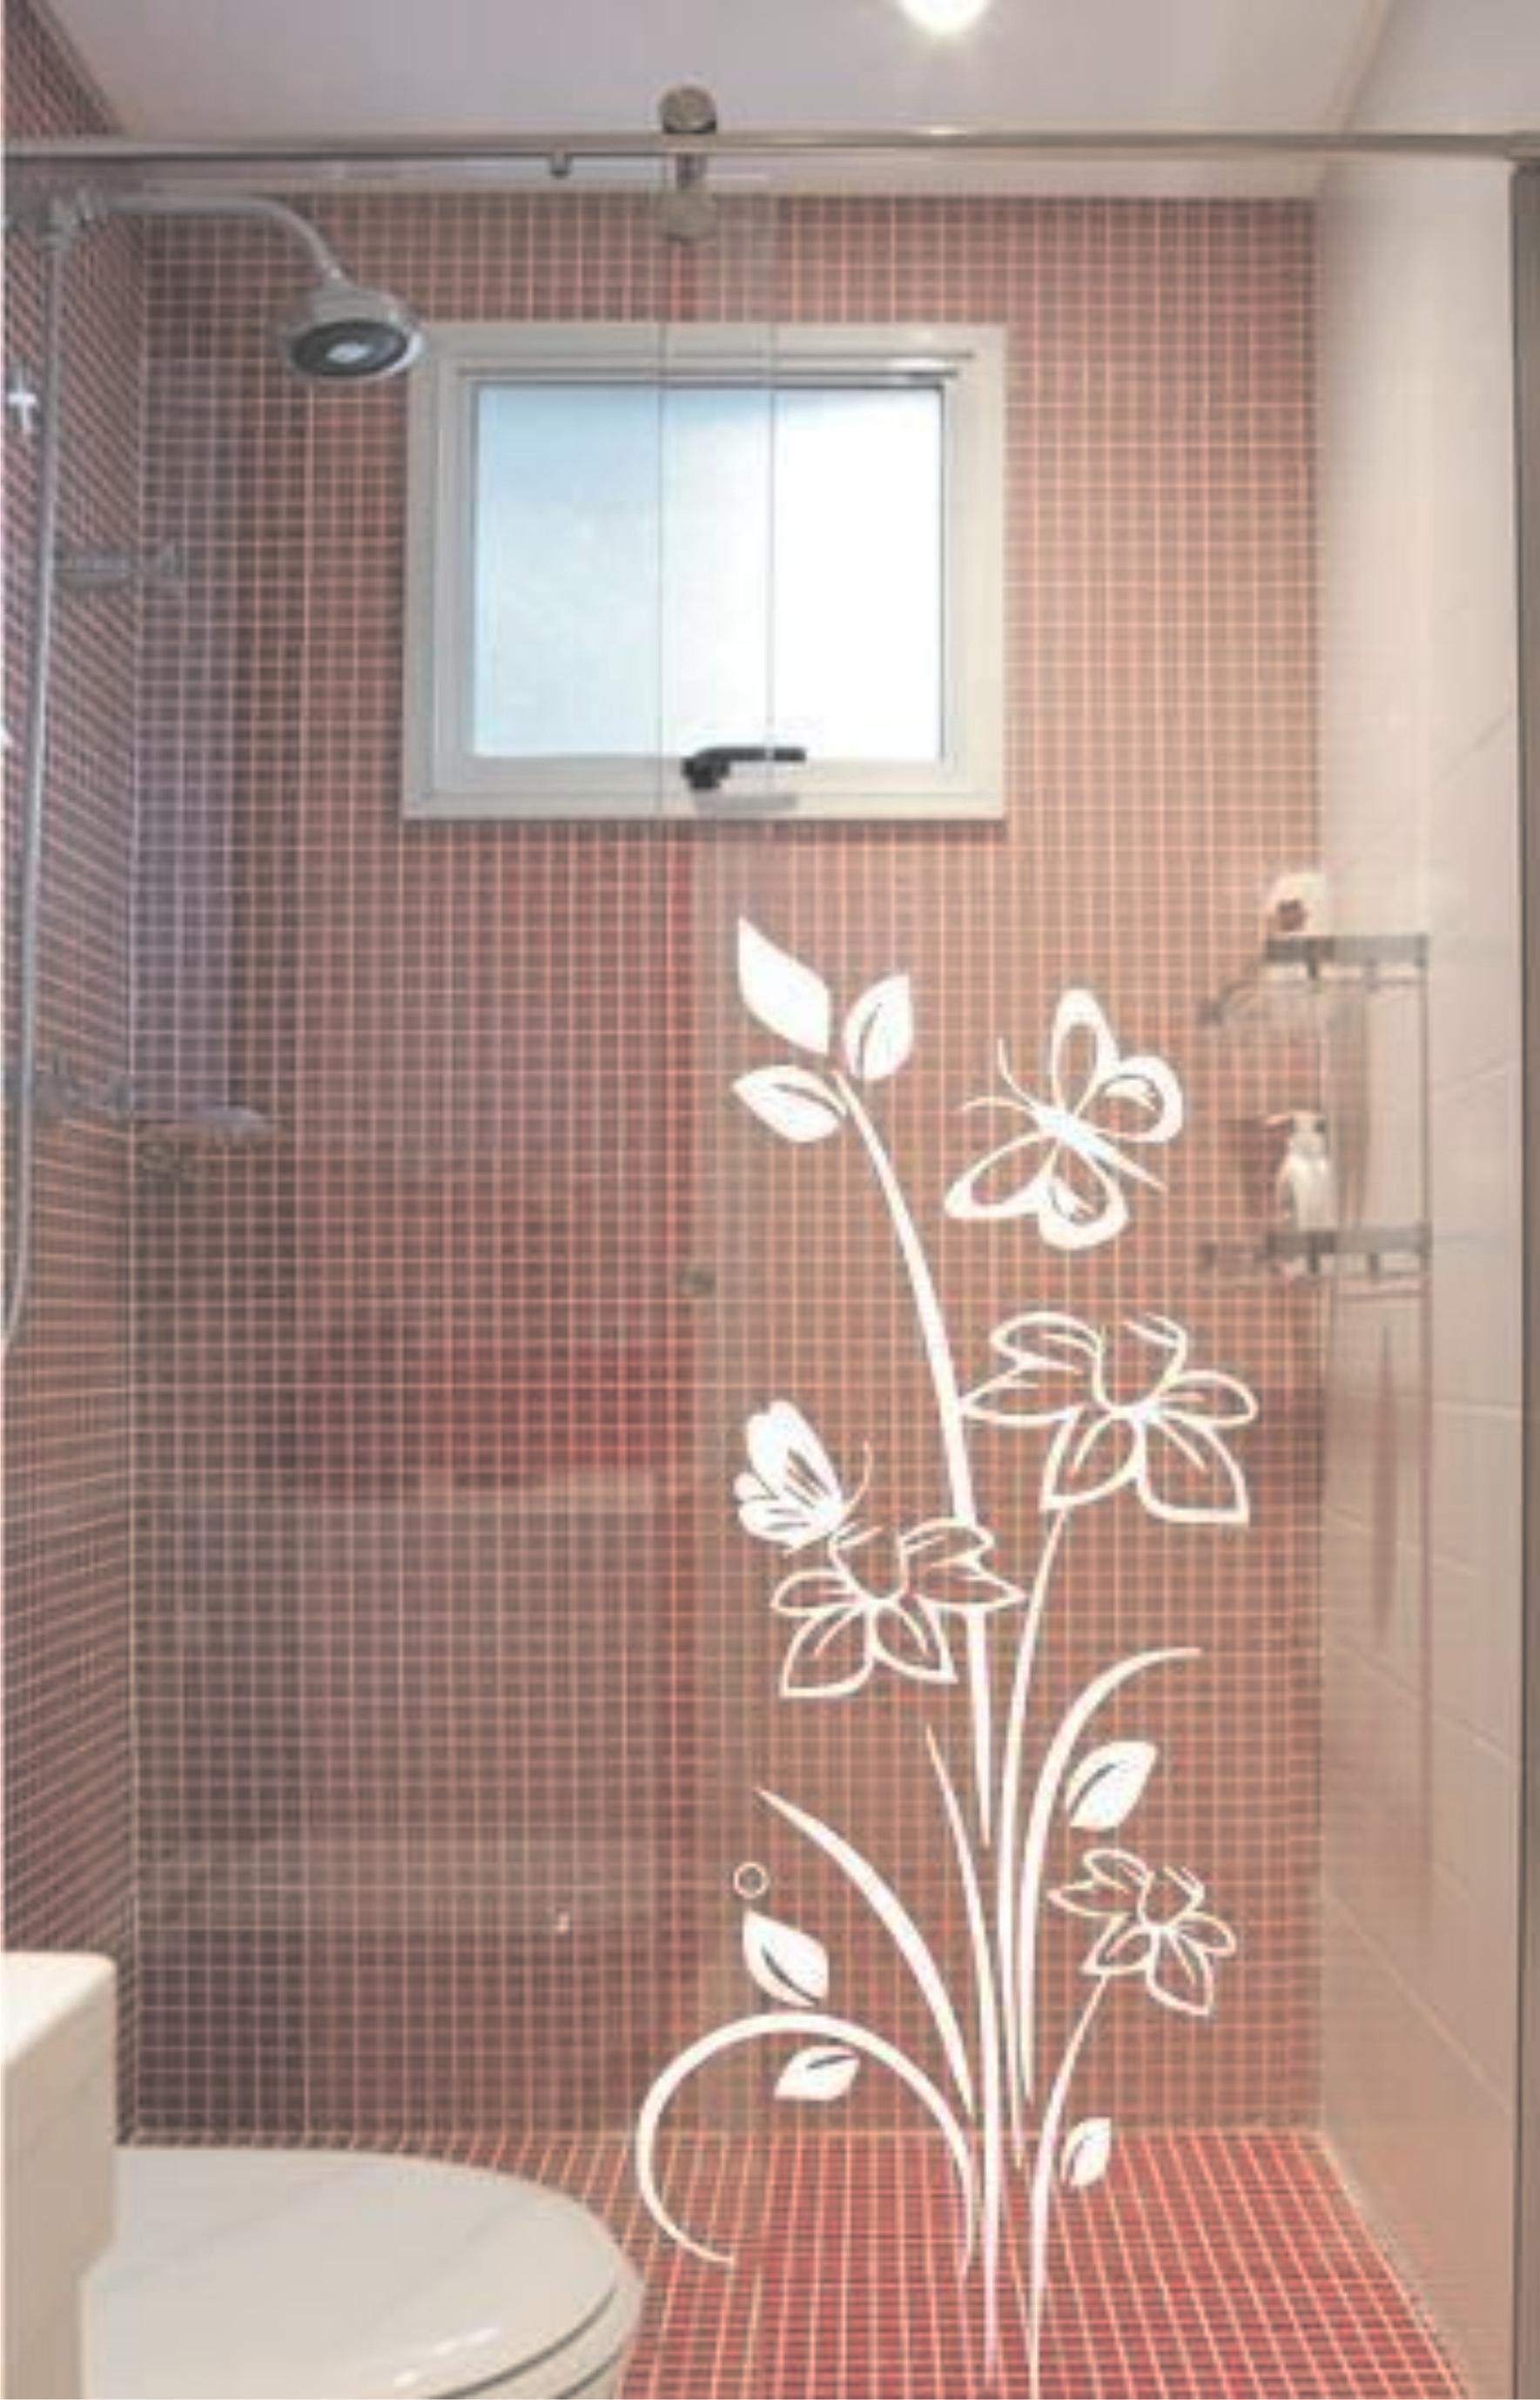 Papel De Parede Adesivo Banheiro  cgafghanscom banheiros pequenos e modernos -> Banheiro Pequeno Adesivo